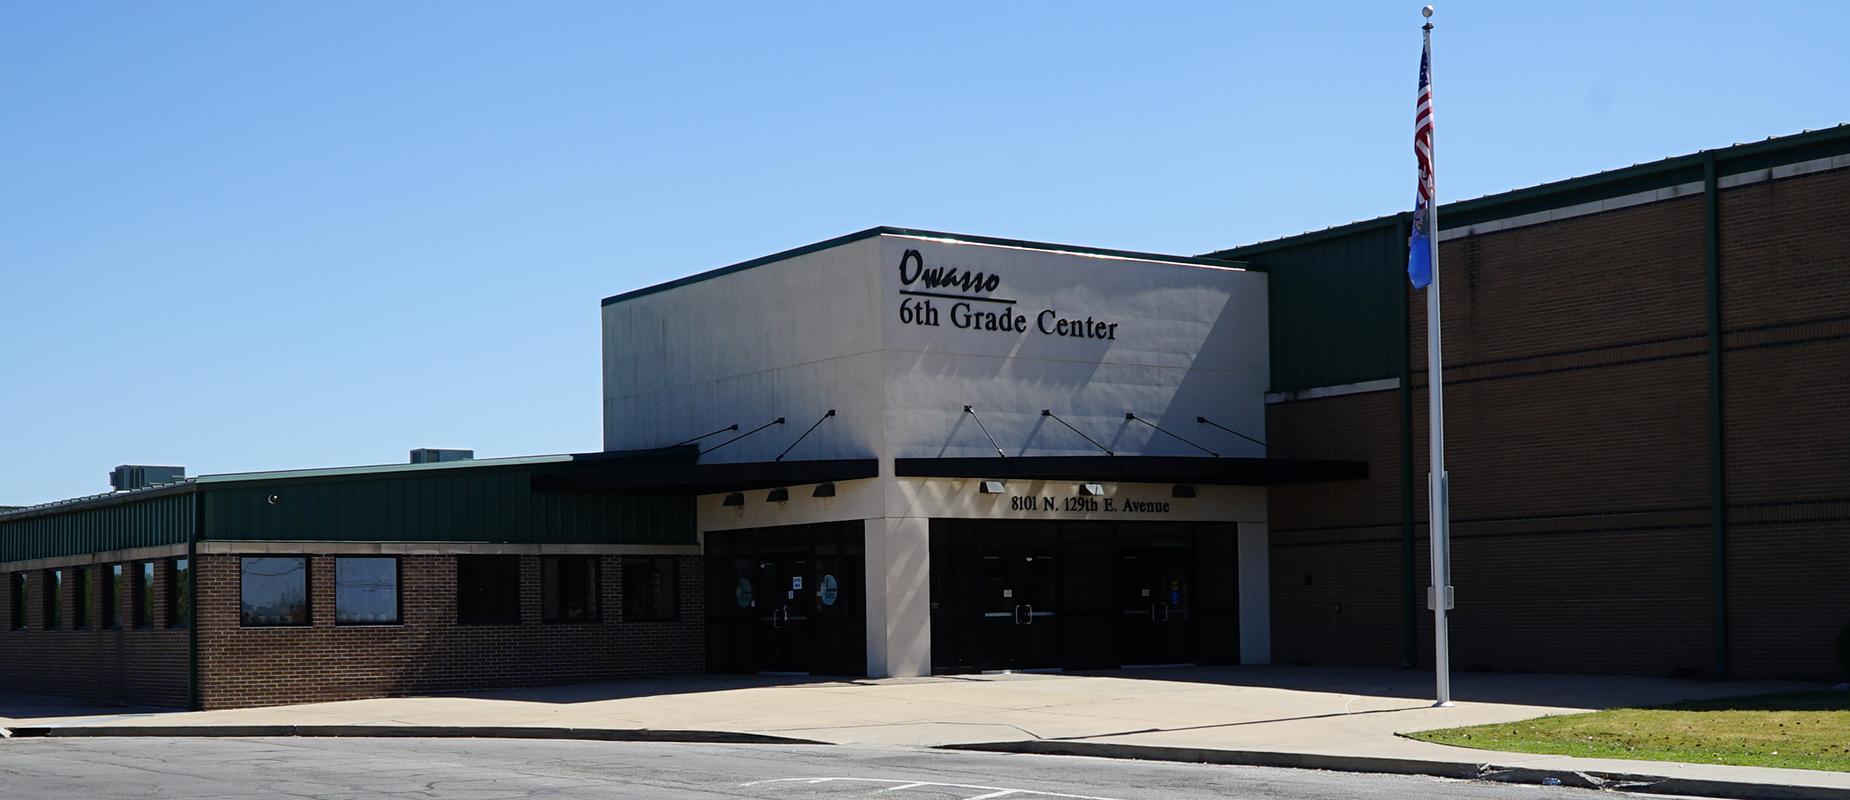 Owasso 6th Grade Center